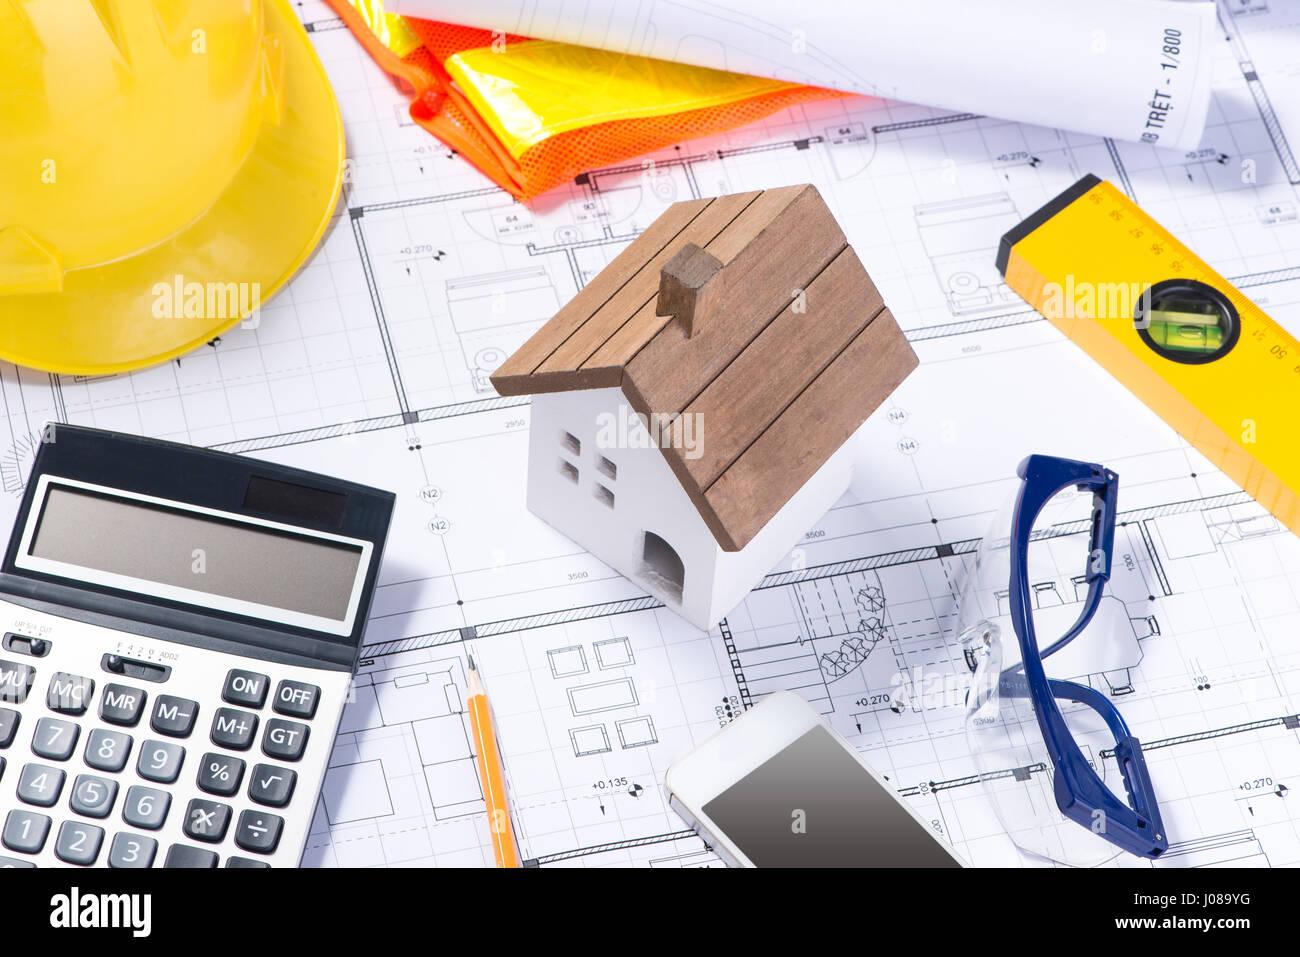 Plan Und Werkzeuge. Grundriss Und Taschenrechner,  Architektur Business Konzepte Und Ideen